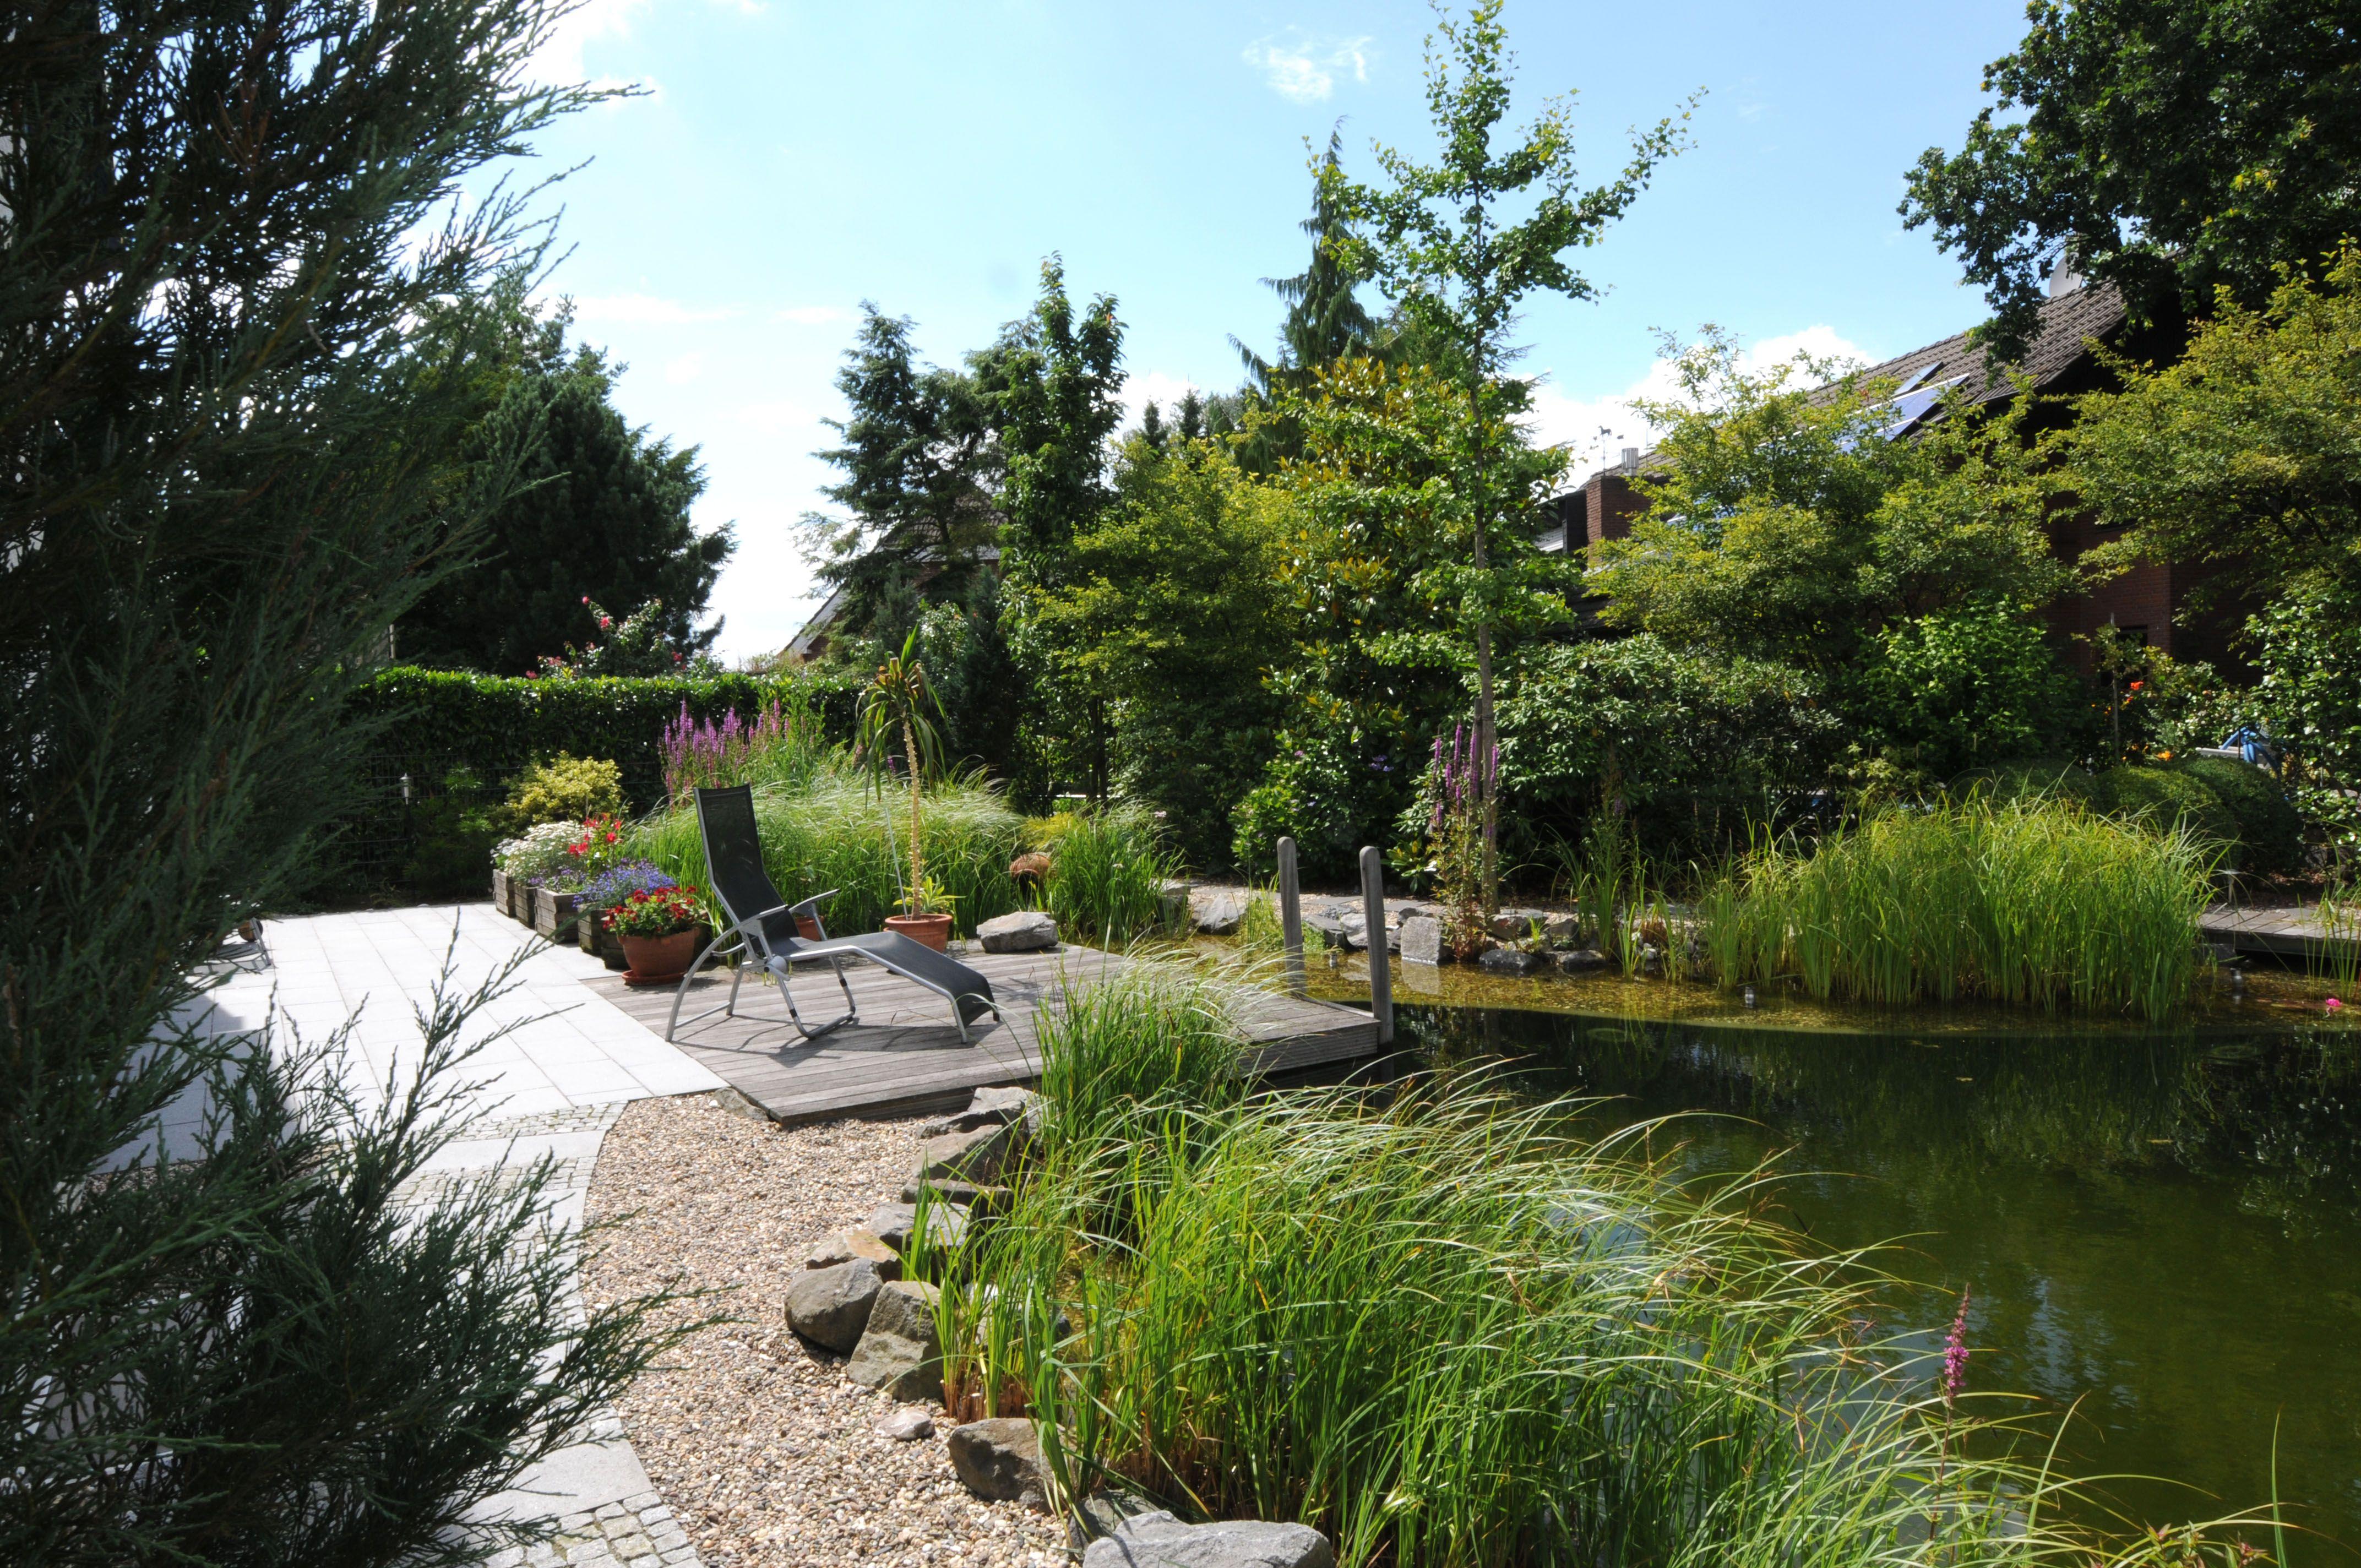 Garten Mit Schwimmteich Garten Landschaftsbau Garten Zaun Garten